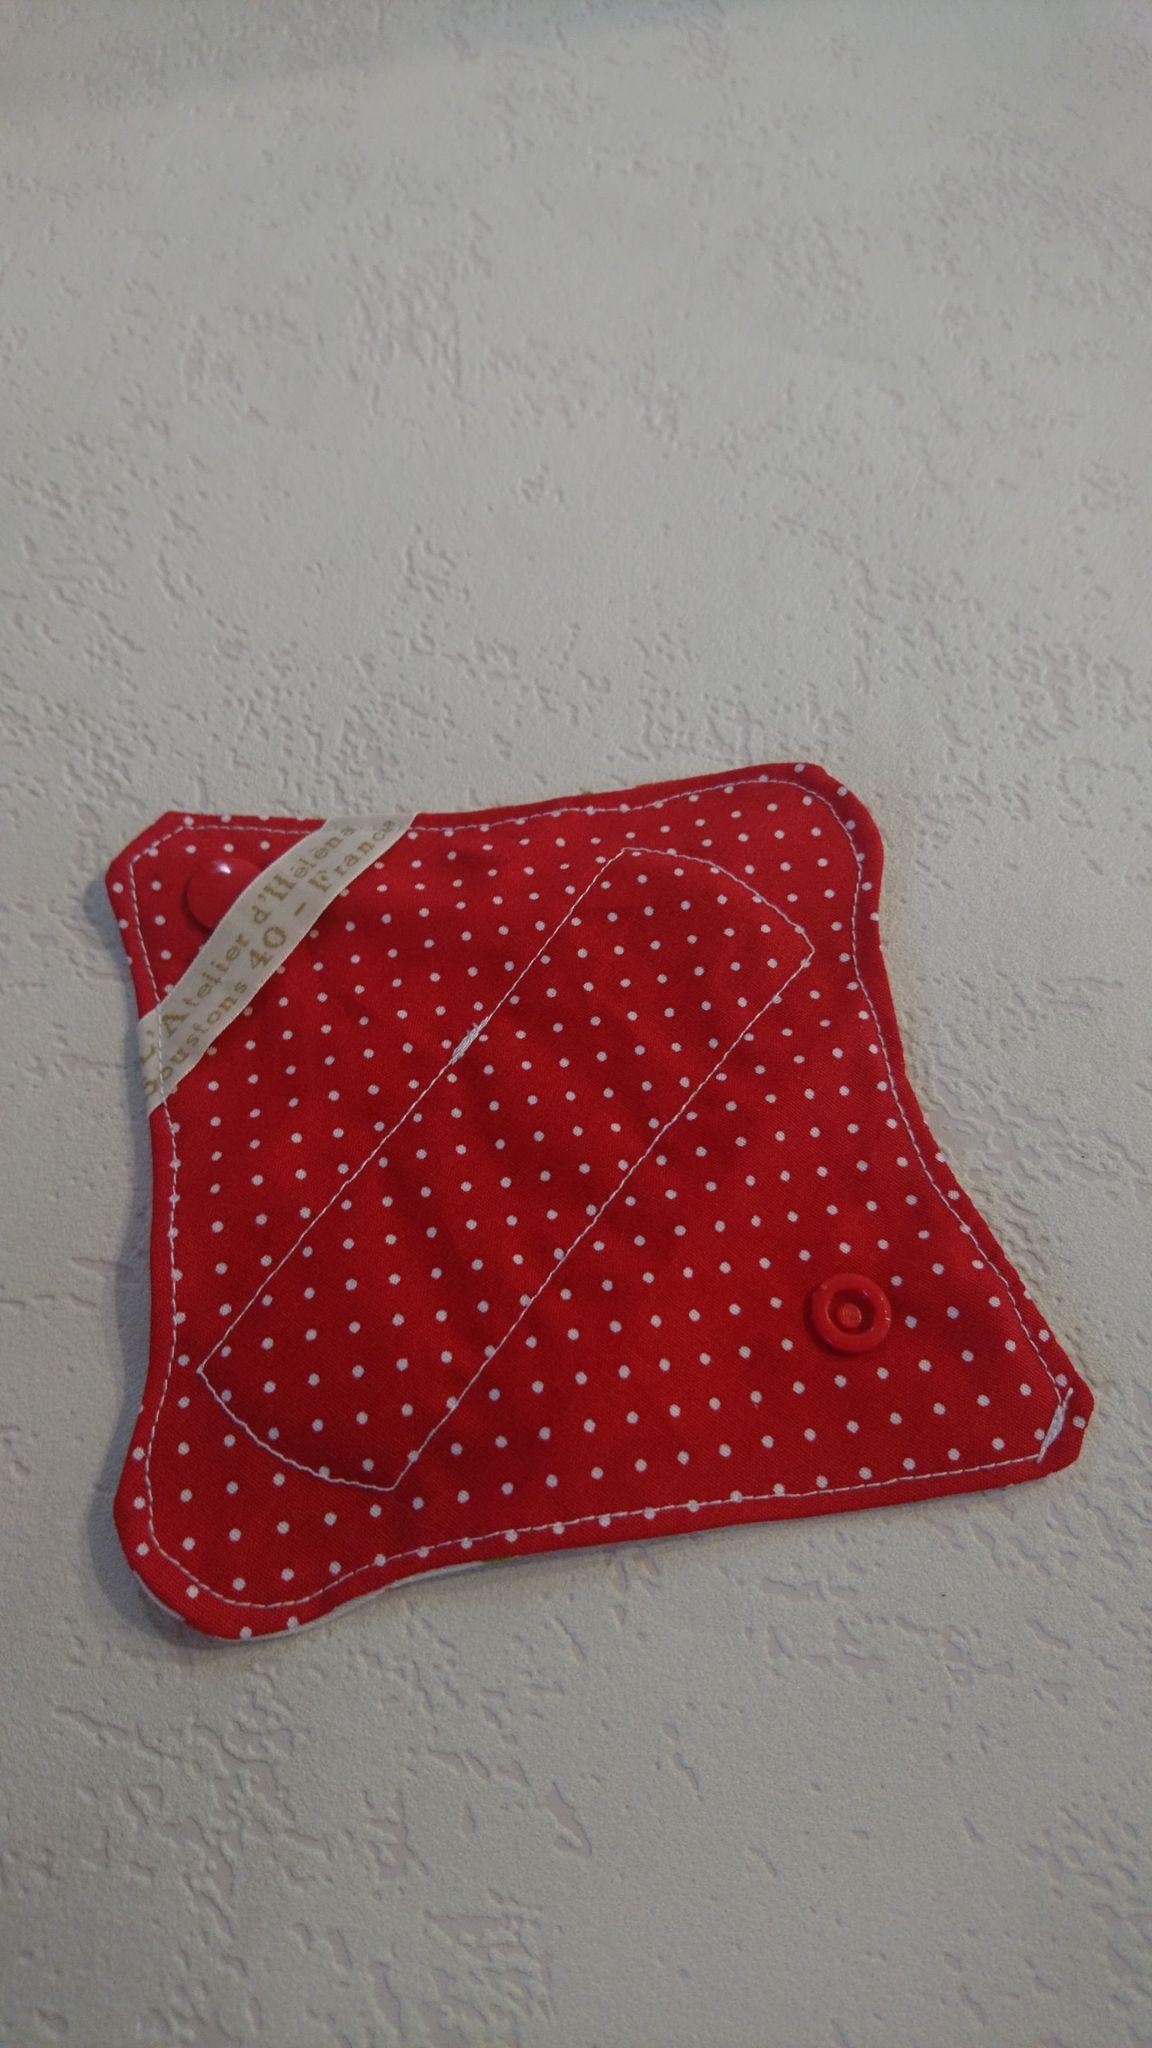 Mini protège-slip coton lavable et réutilisable